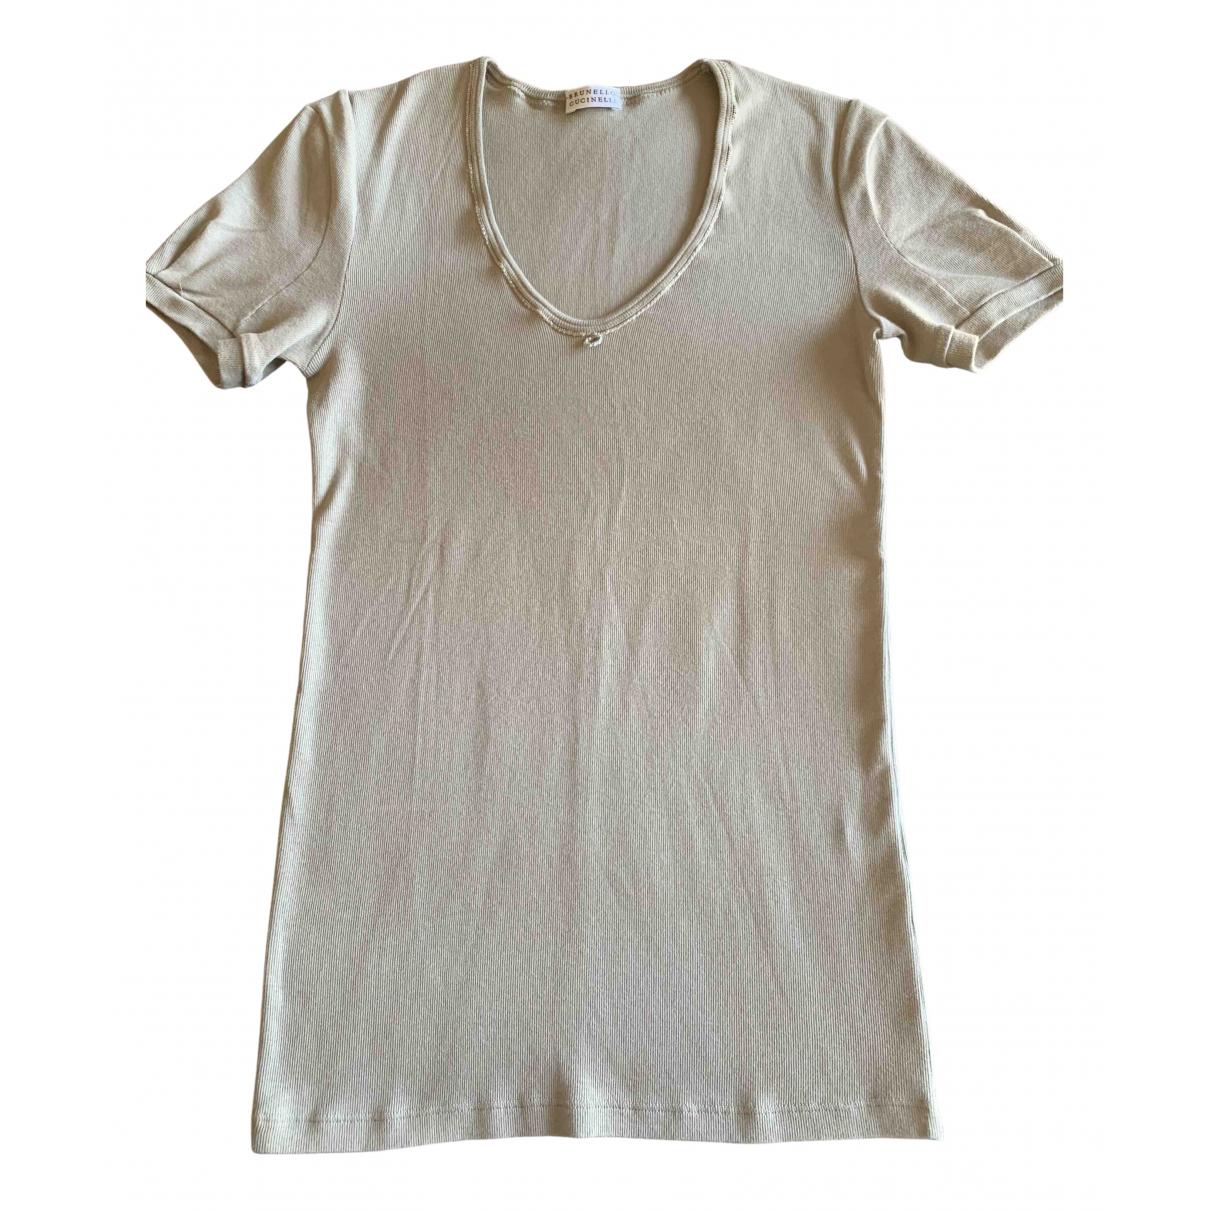 Brunello Cucinelli N Beige Cotton  top for Women M International